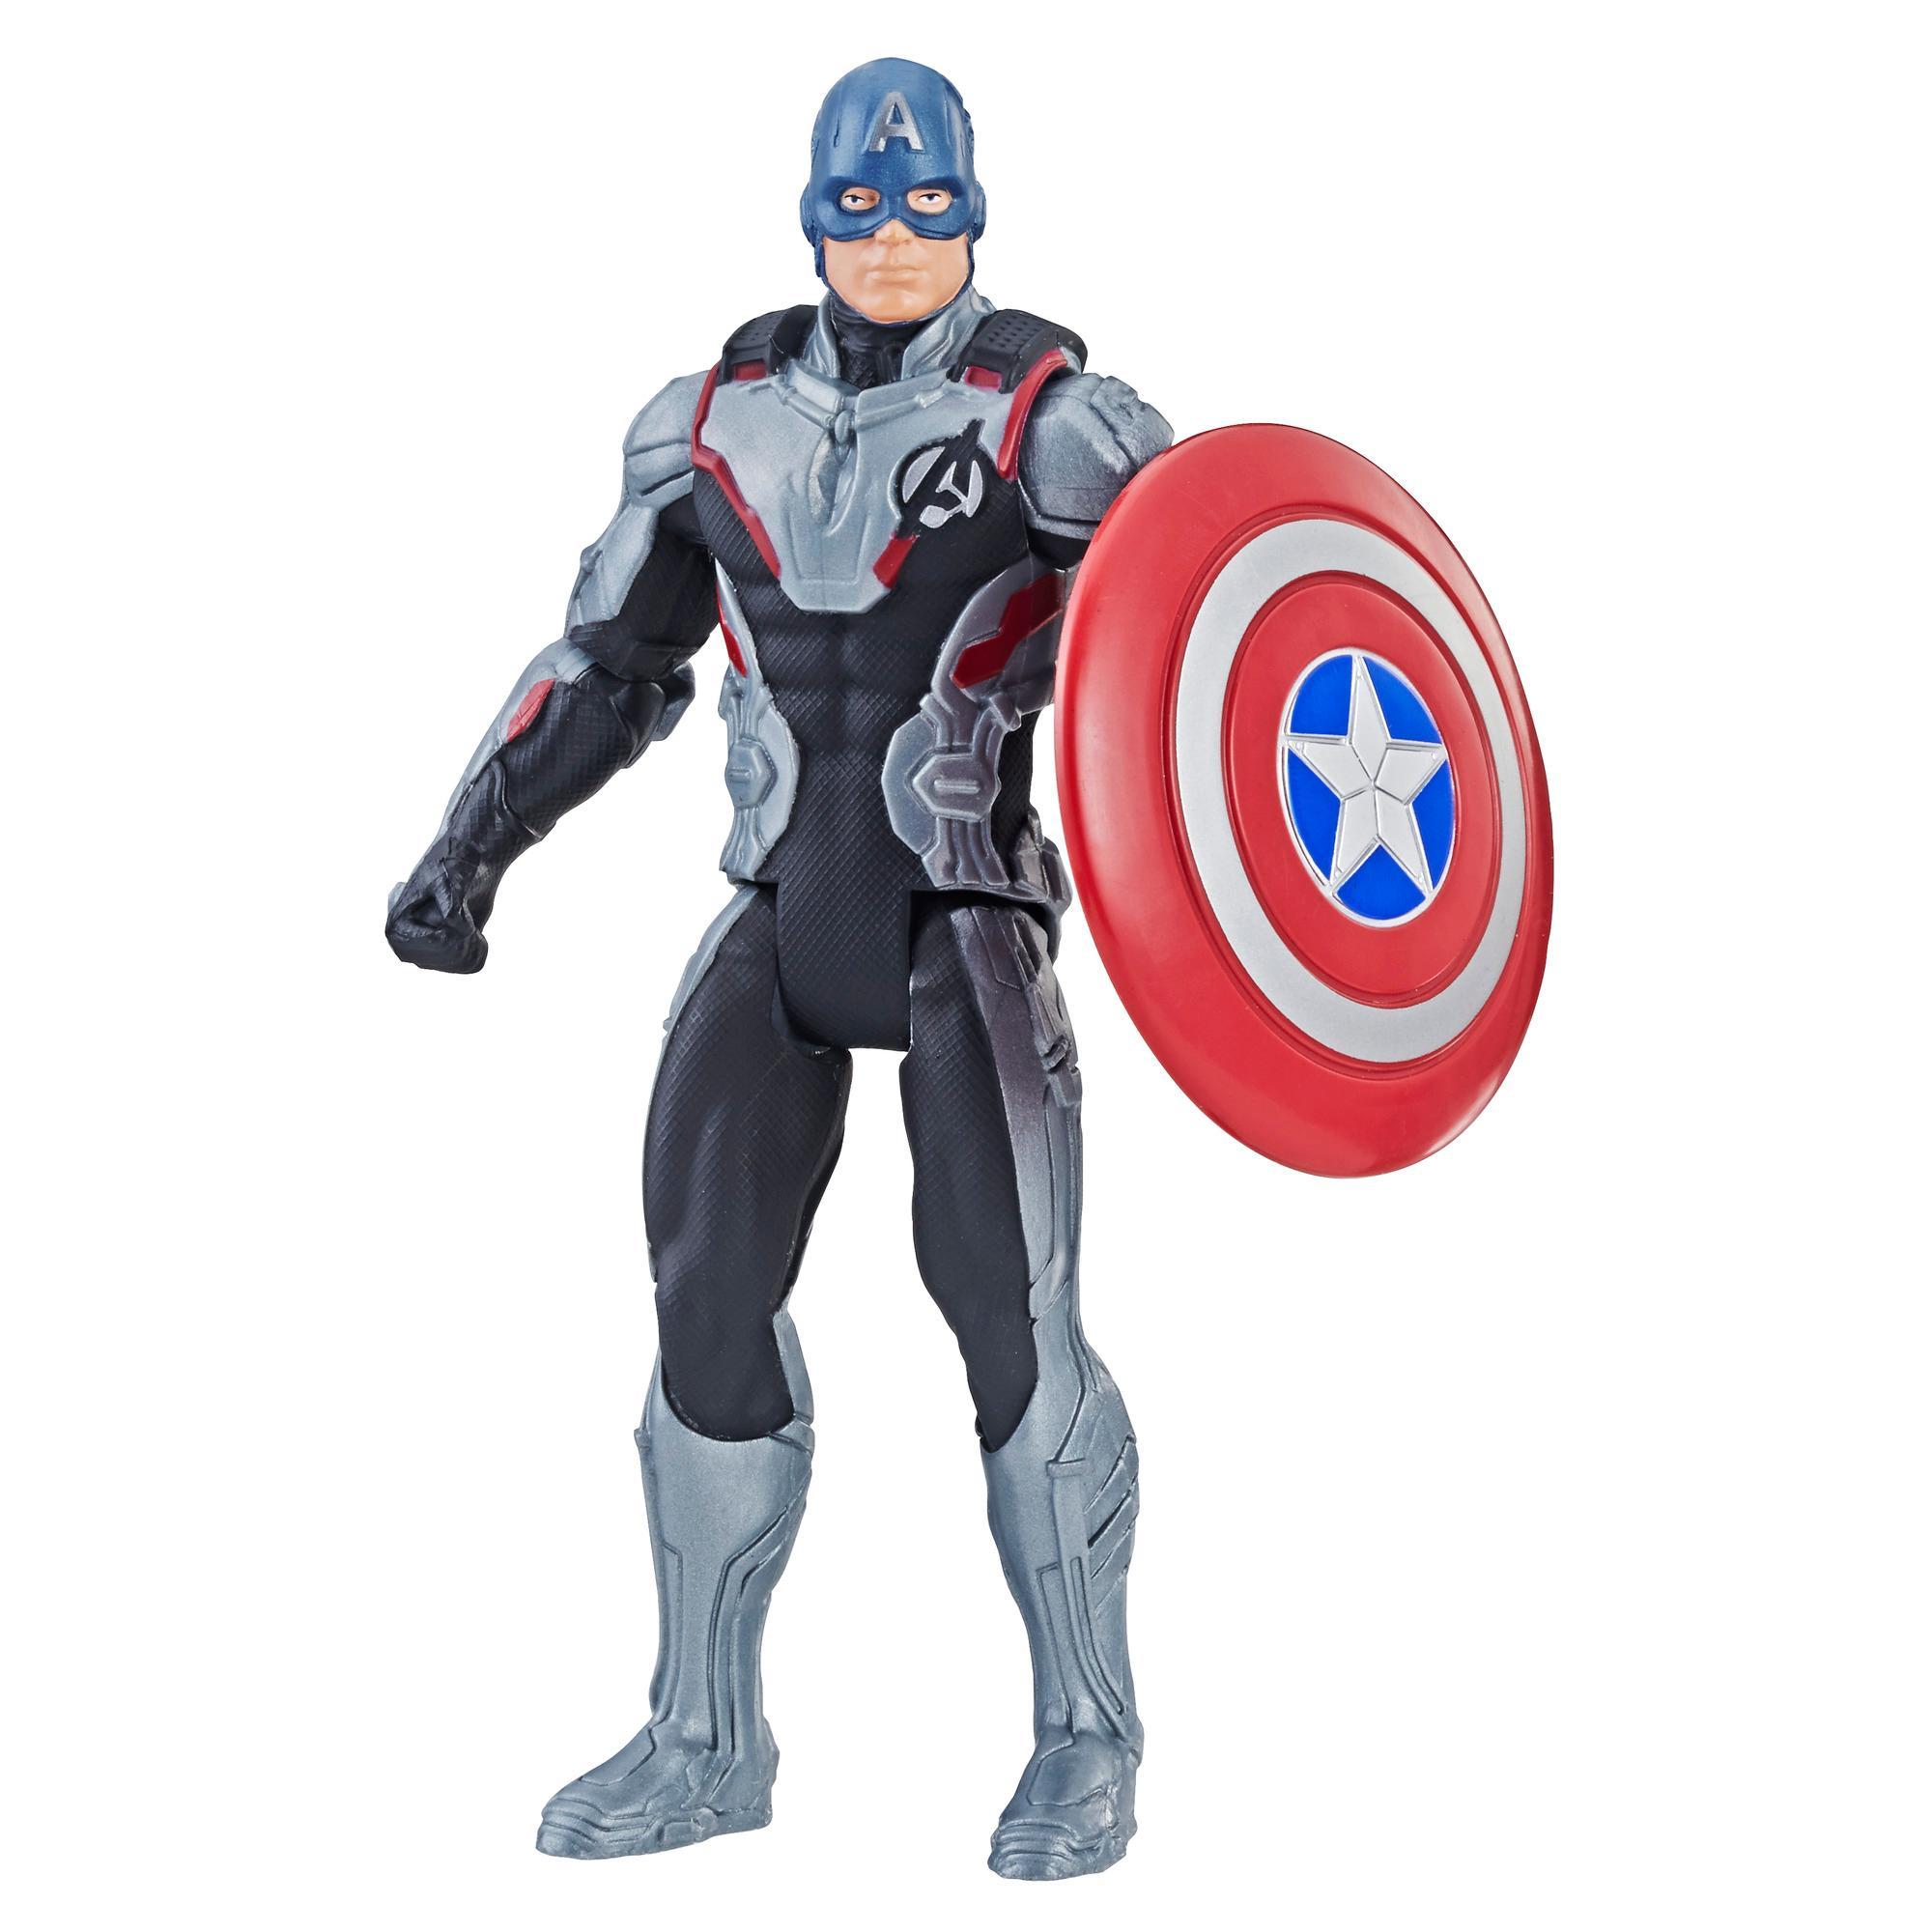 Avengers Endgame 6 Inch Figur Captain America